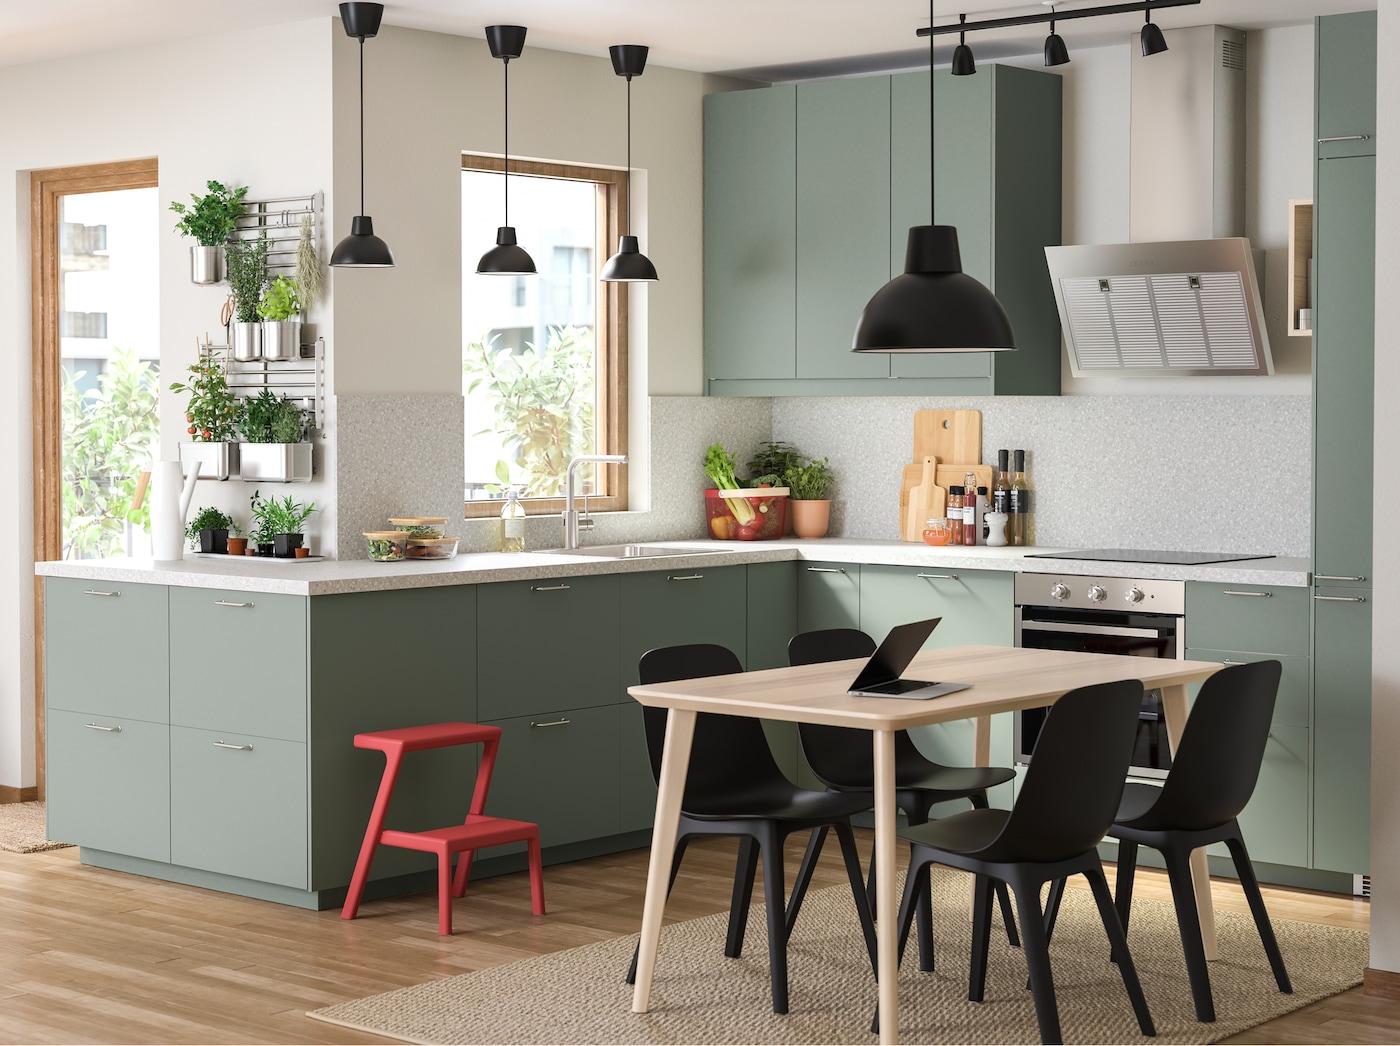 Grau Grune Kuche Mit Umweltfreundlichem Material Ikea Deutschland